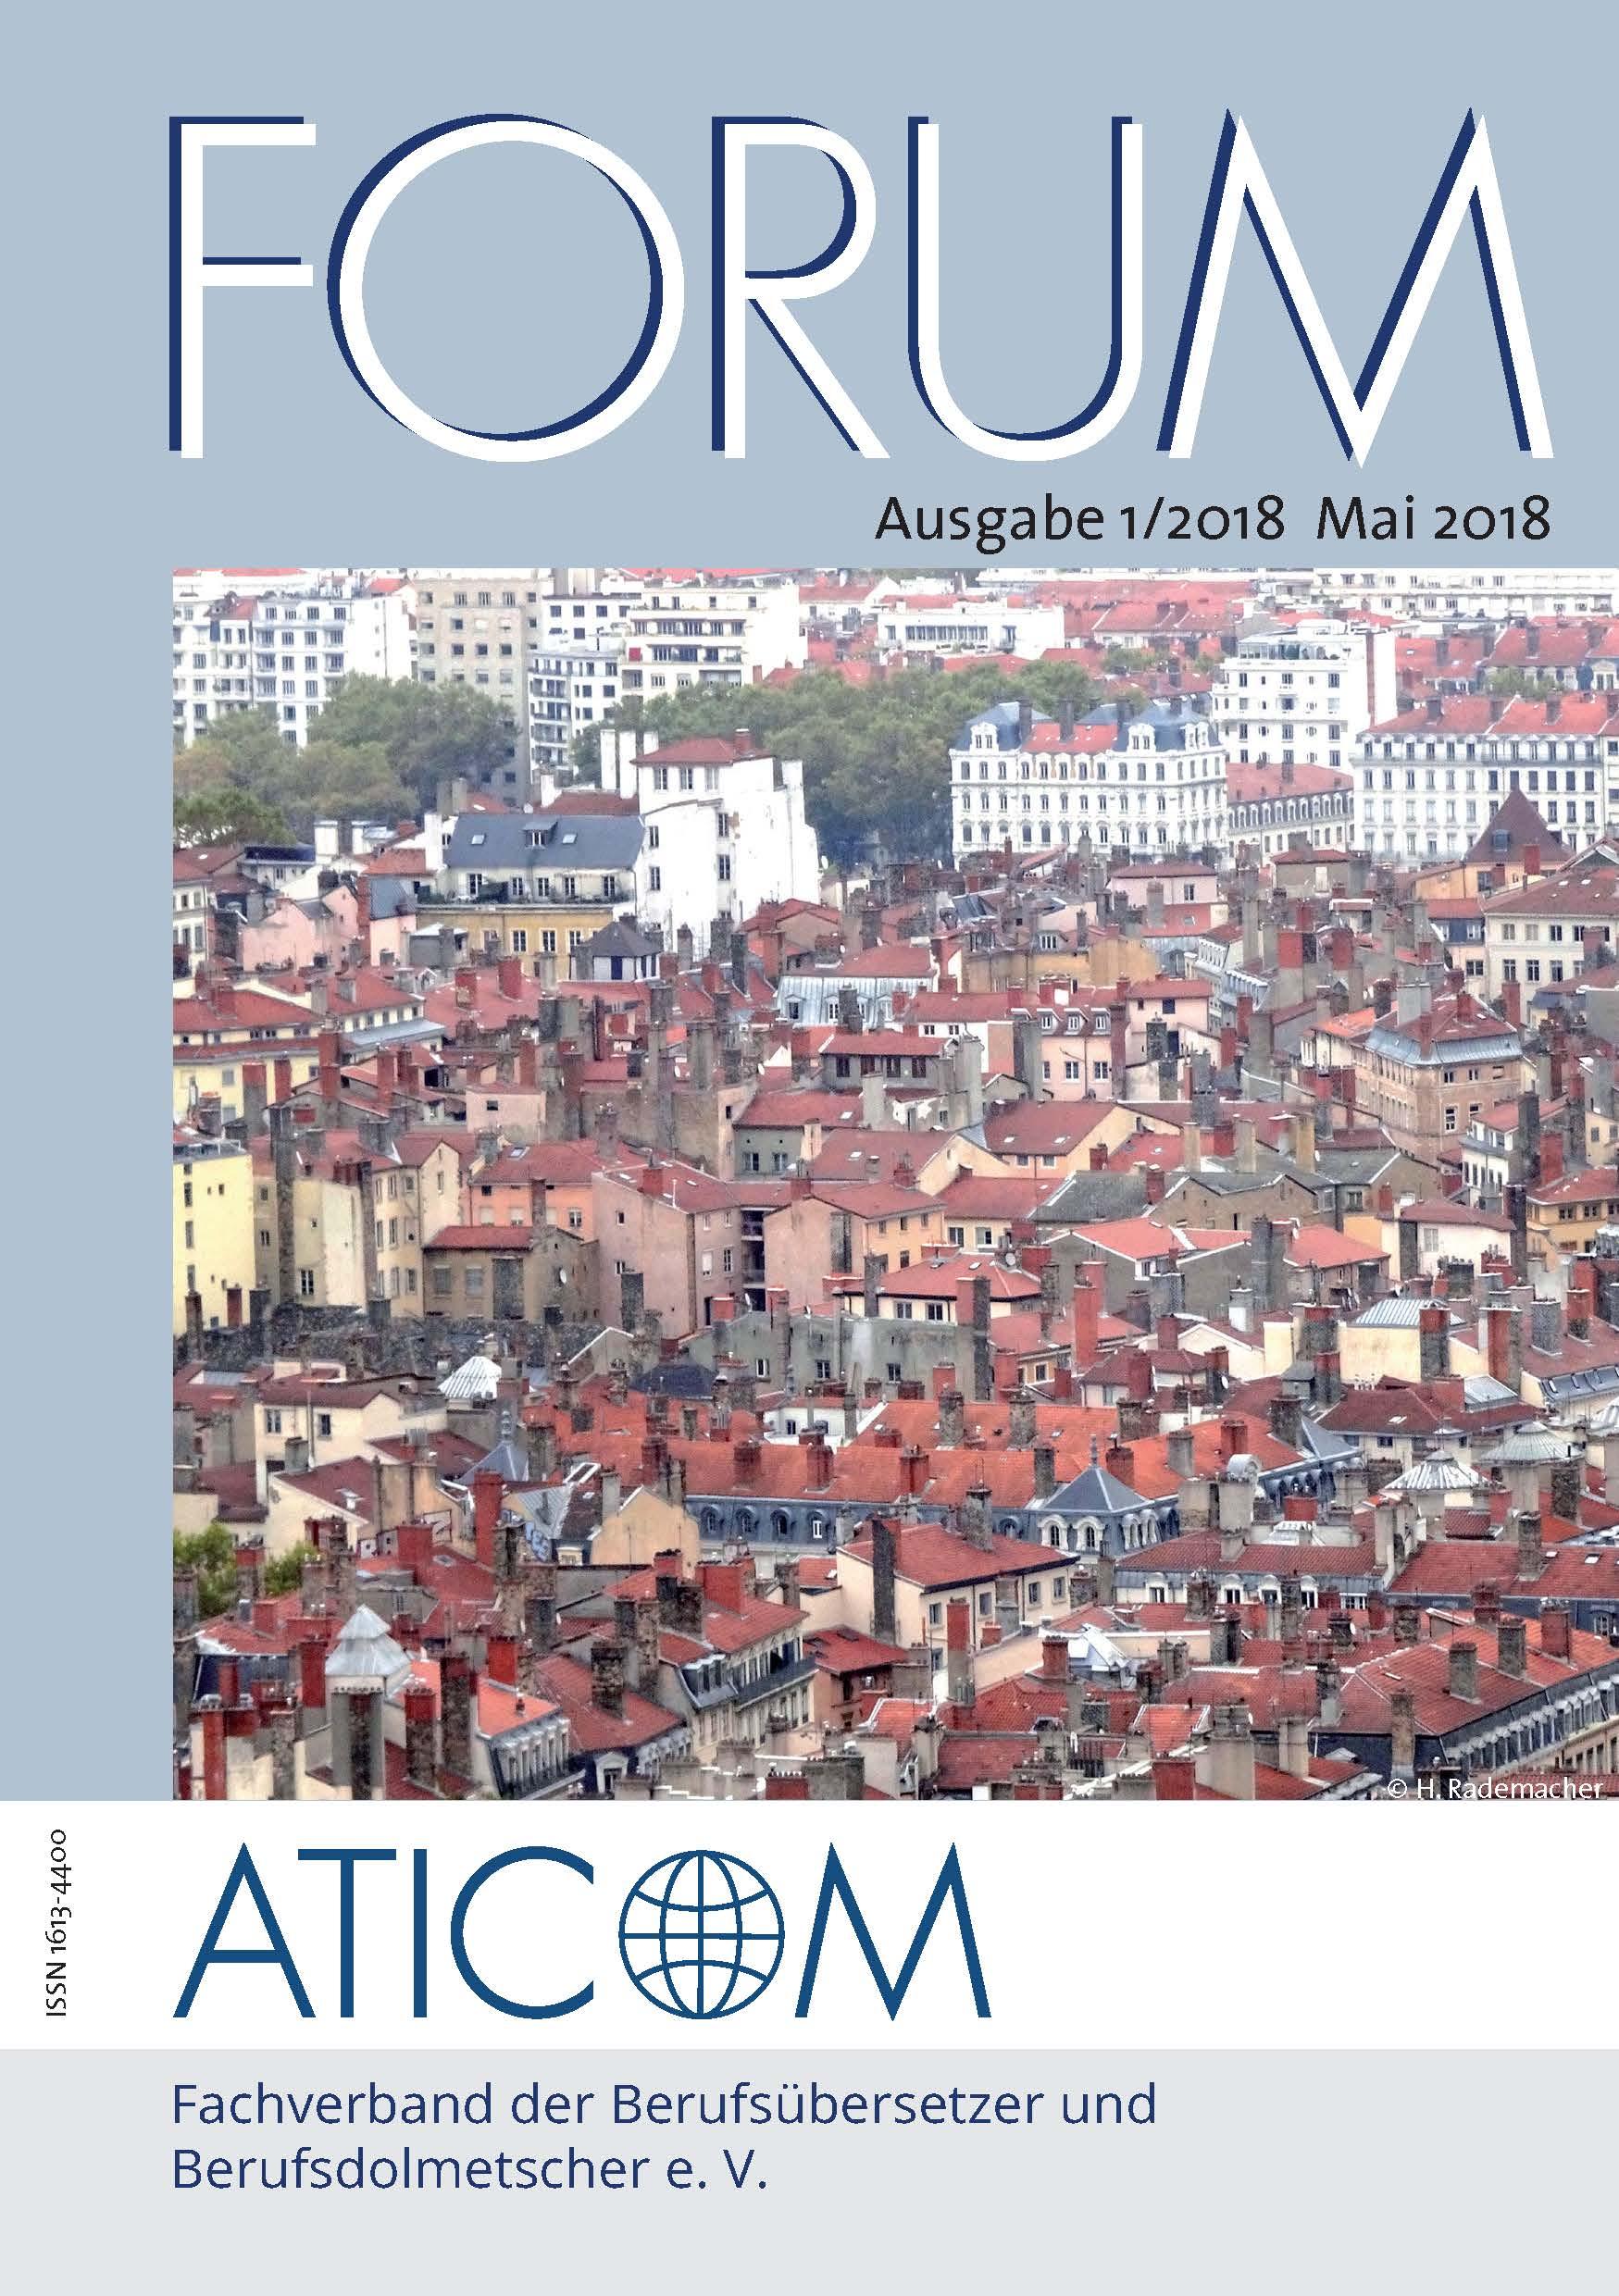 ATICOM FORUM 1/2018